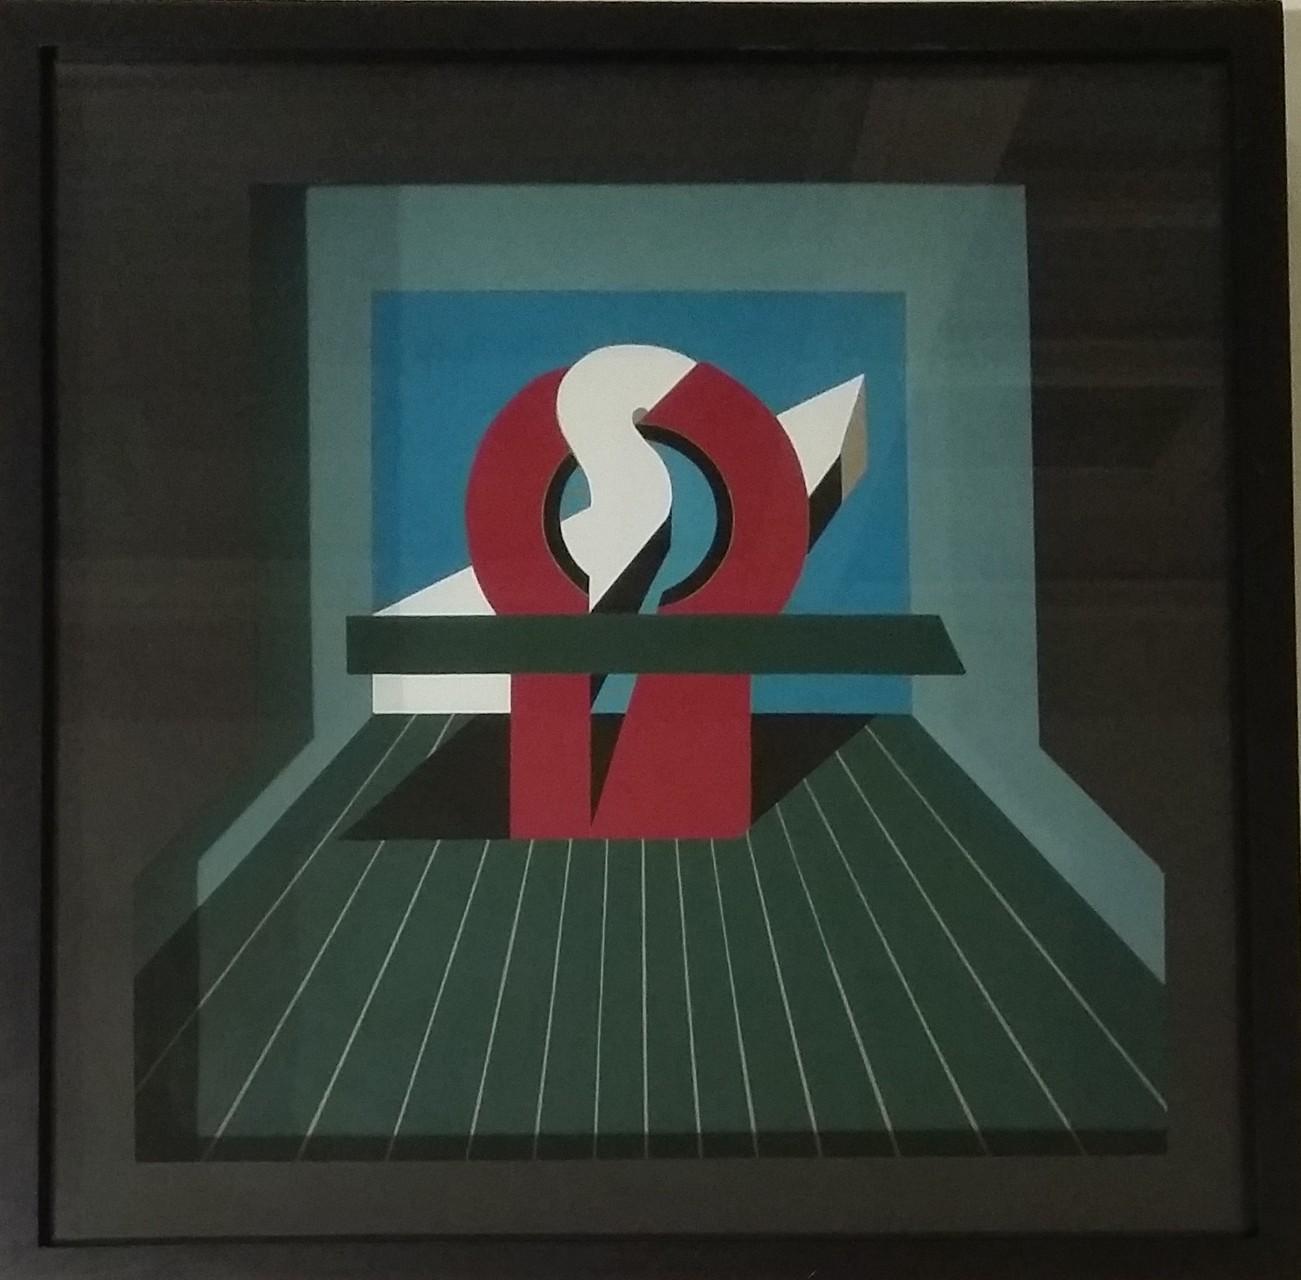 Querkraft, Raumschnitt, Gouache, 45 x 45 x 8 cm, 1972 (#600)